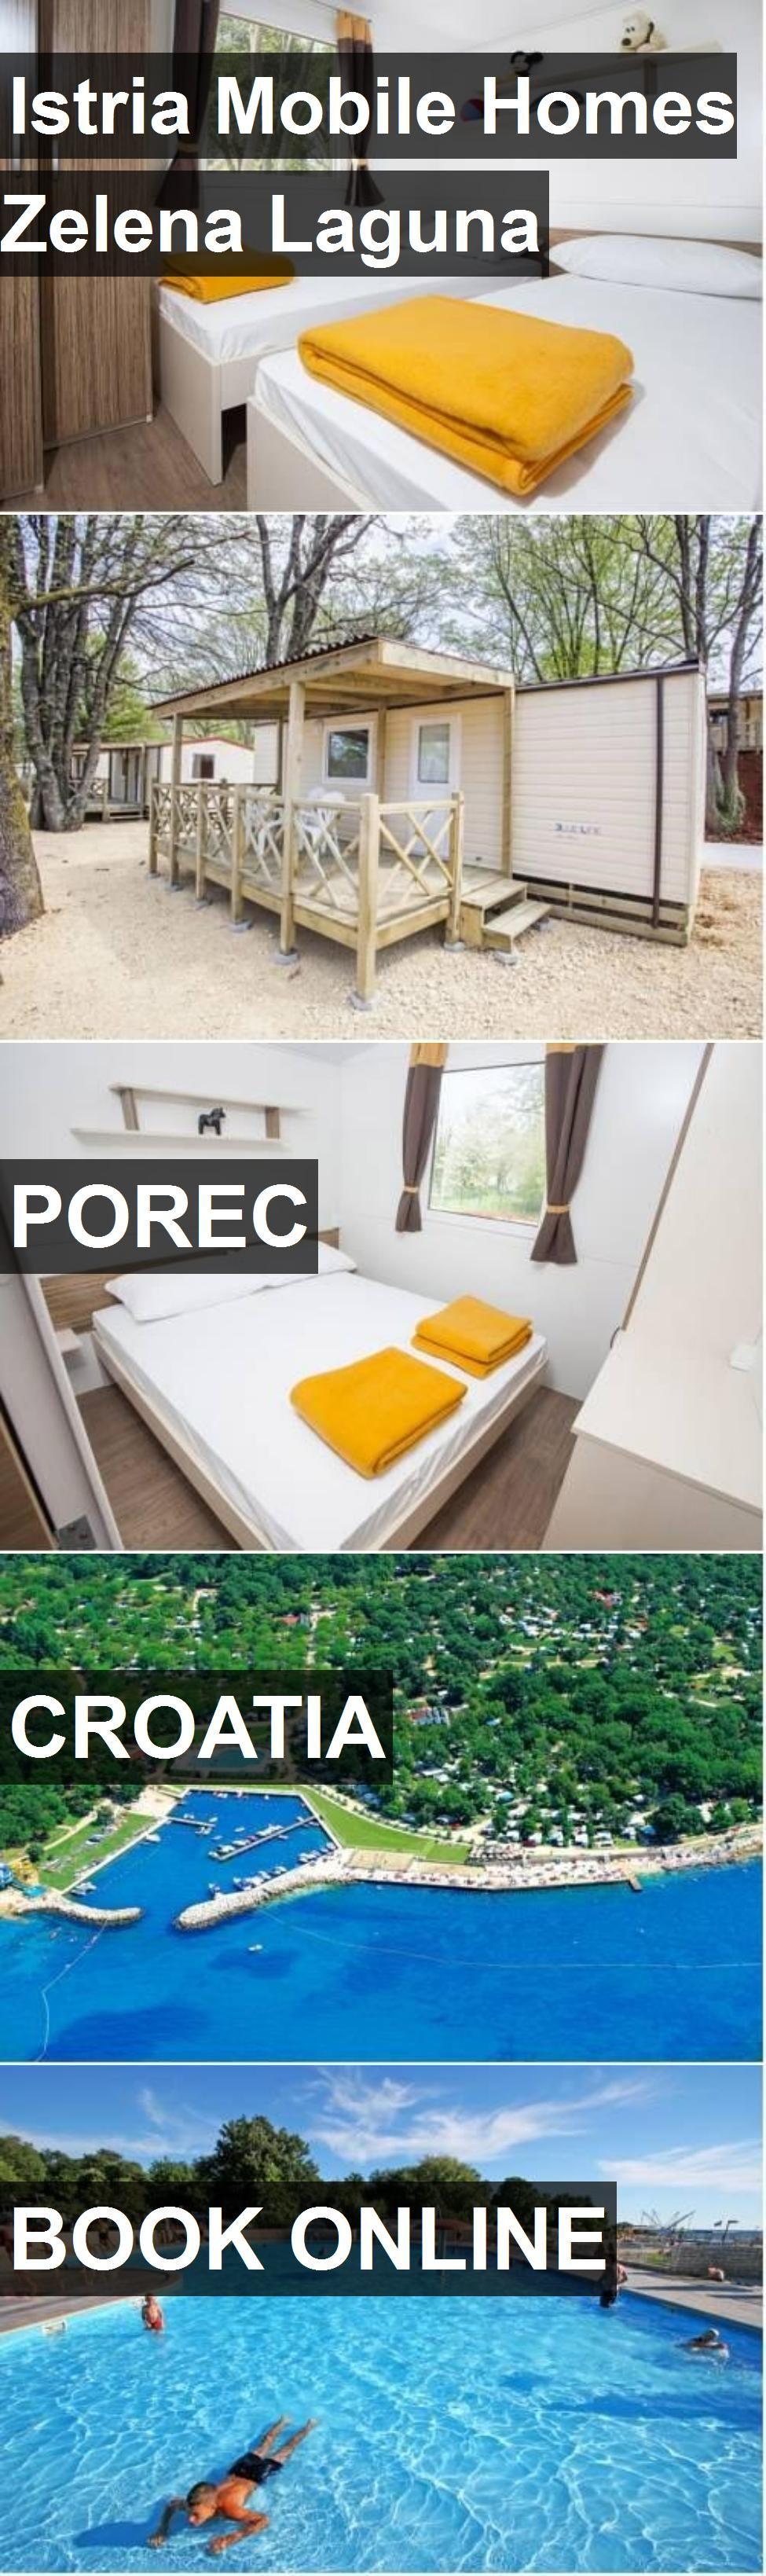 Hotel Istria Mobile Homes Zelena Laguna in Porec, Croatia